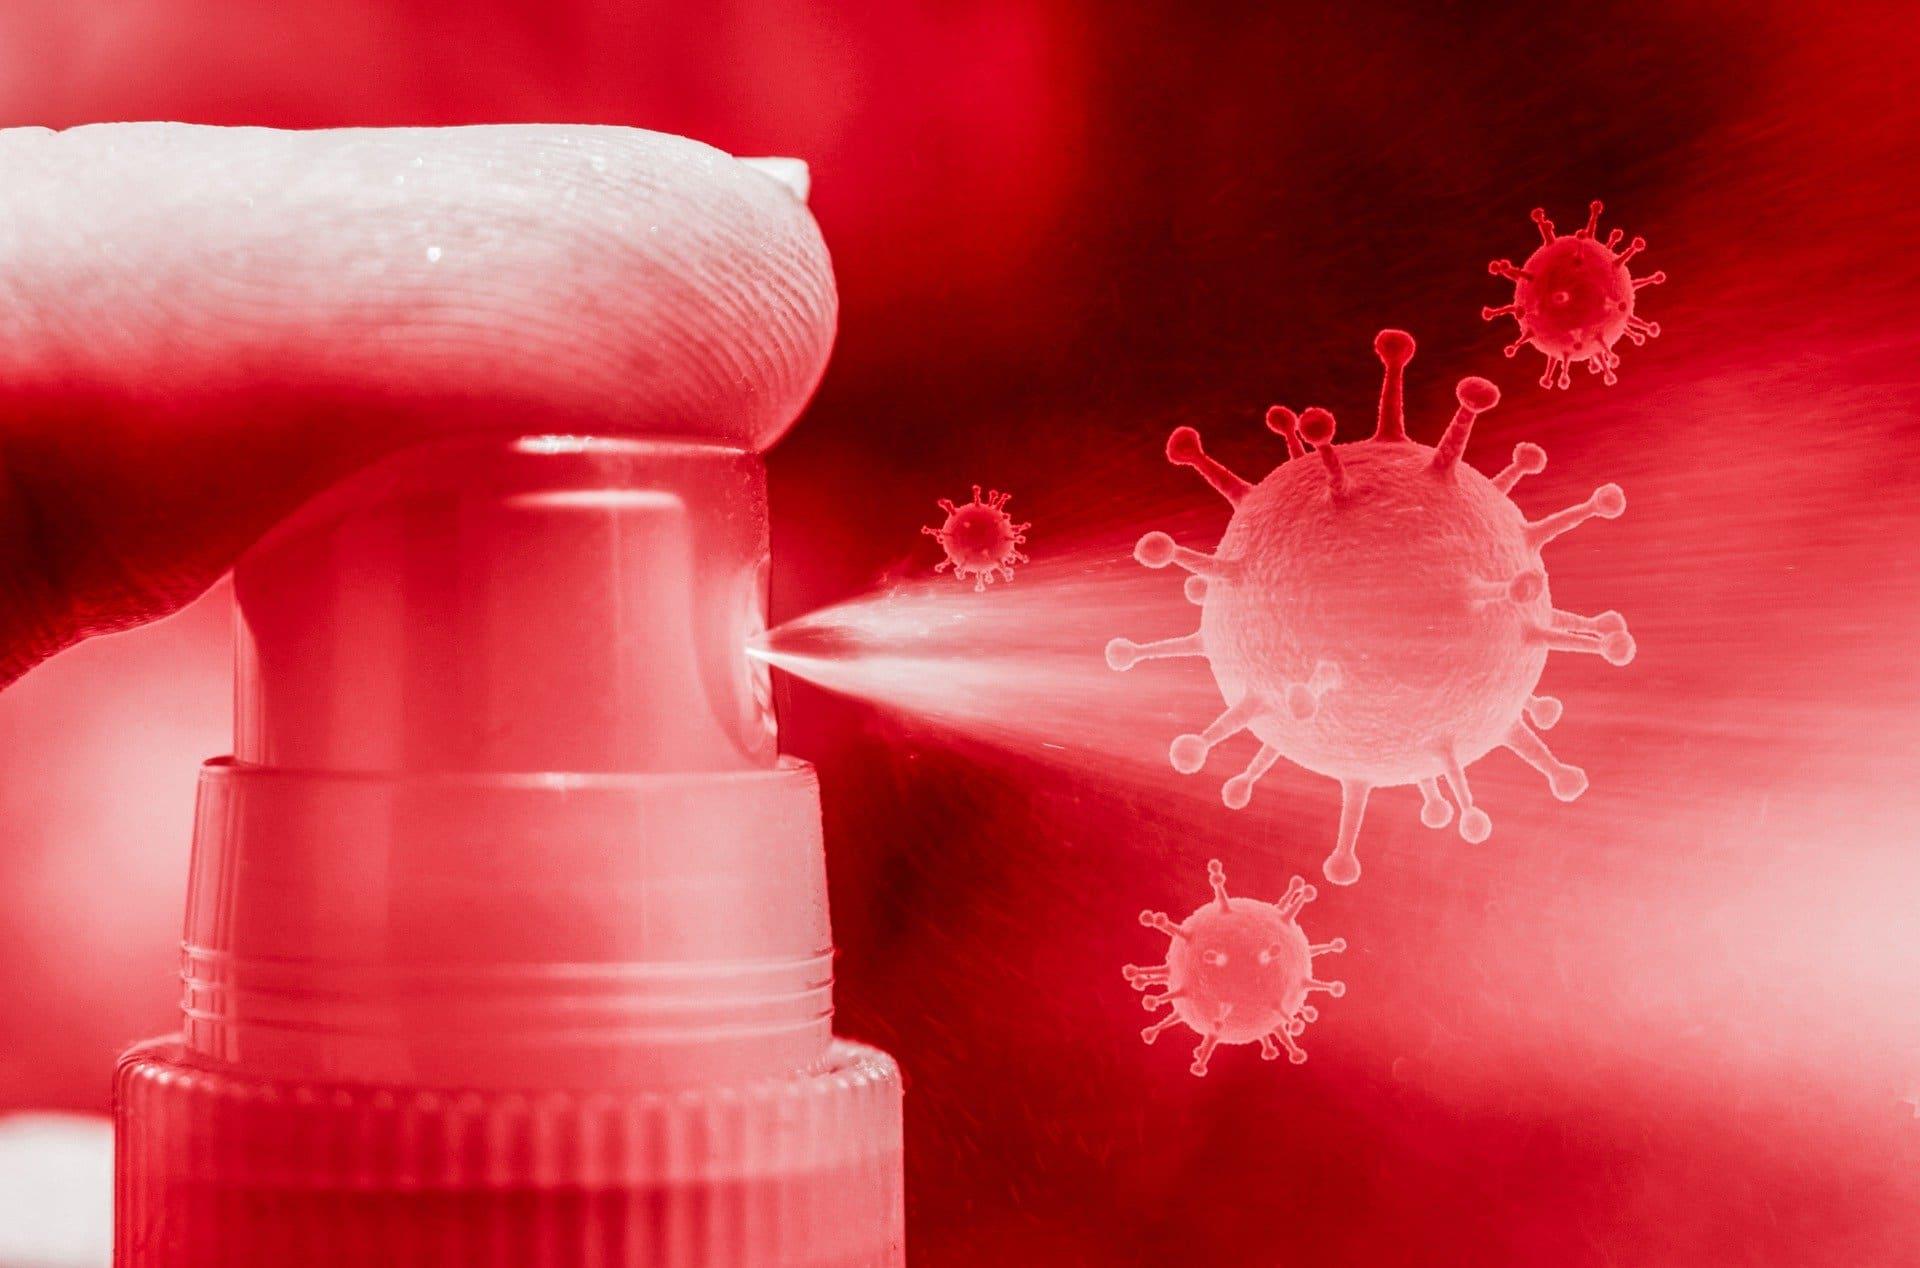 desinfeccion profesional del coronavirus